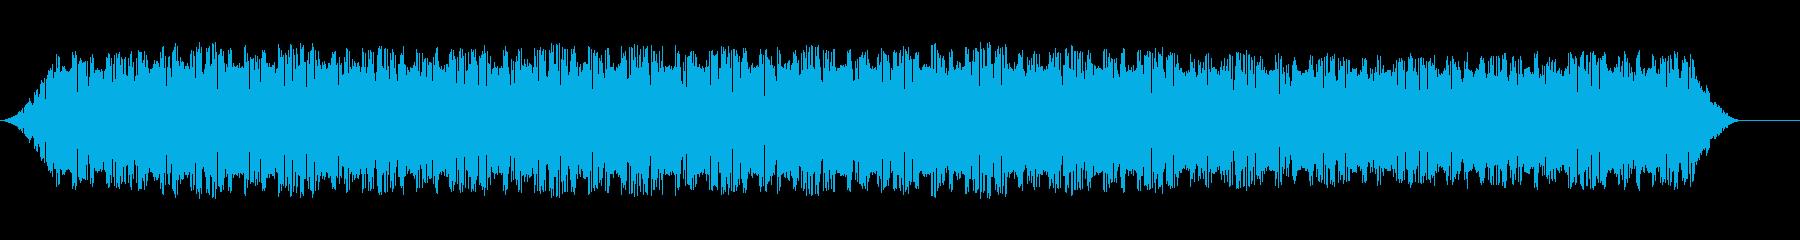 ネオンドローン2の再生済みの波形